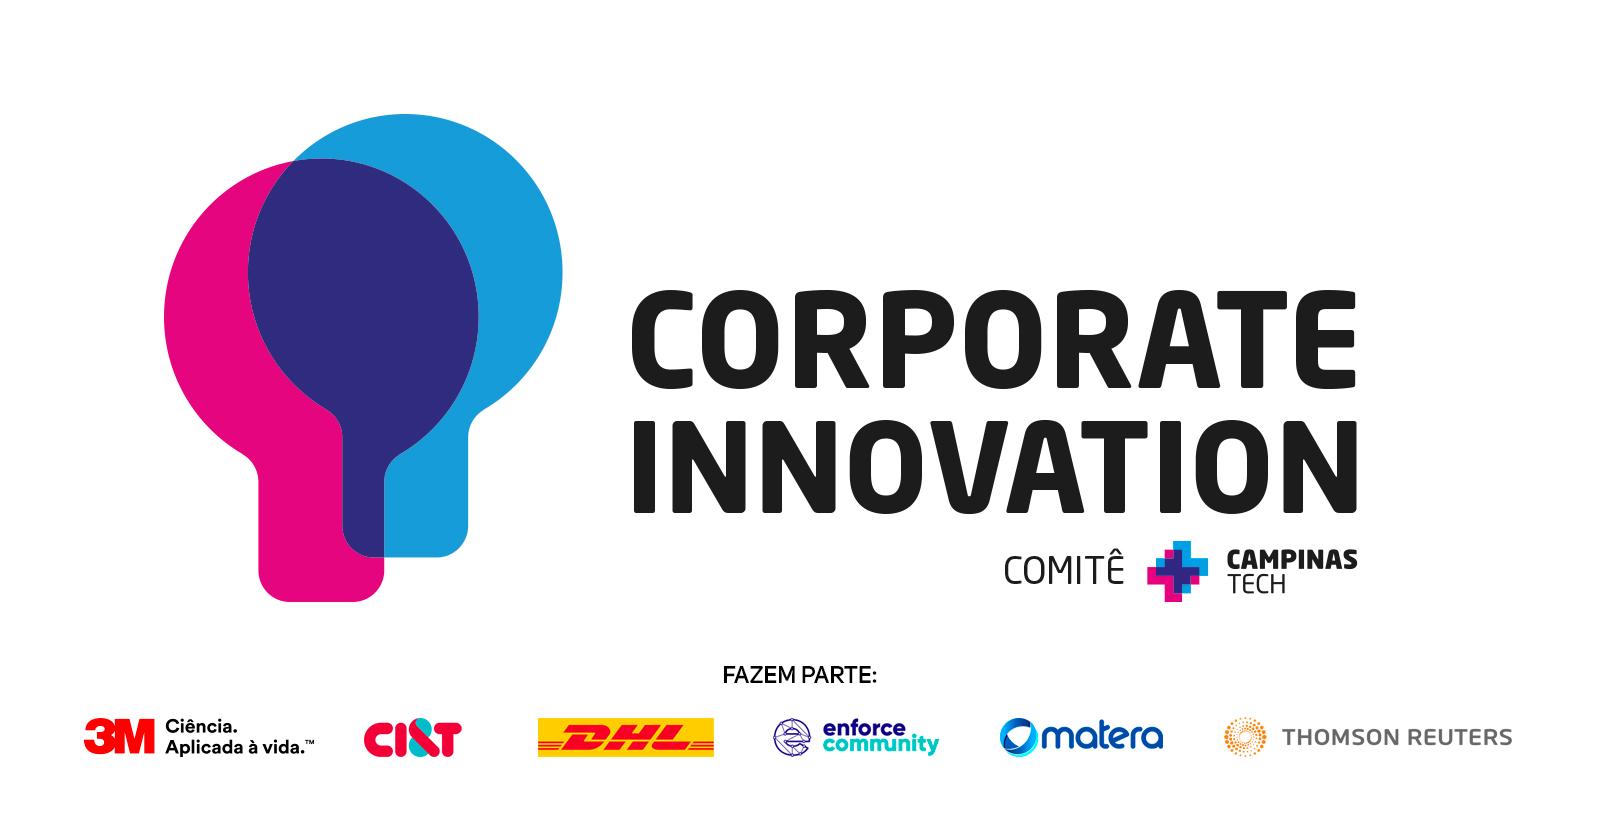 Comitê Campinas Tech de Corporate Innovation